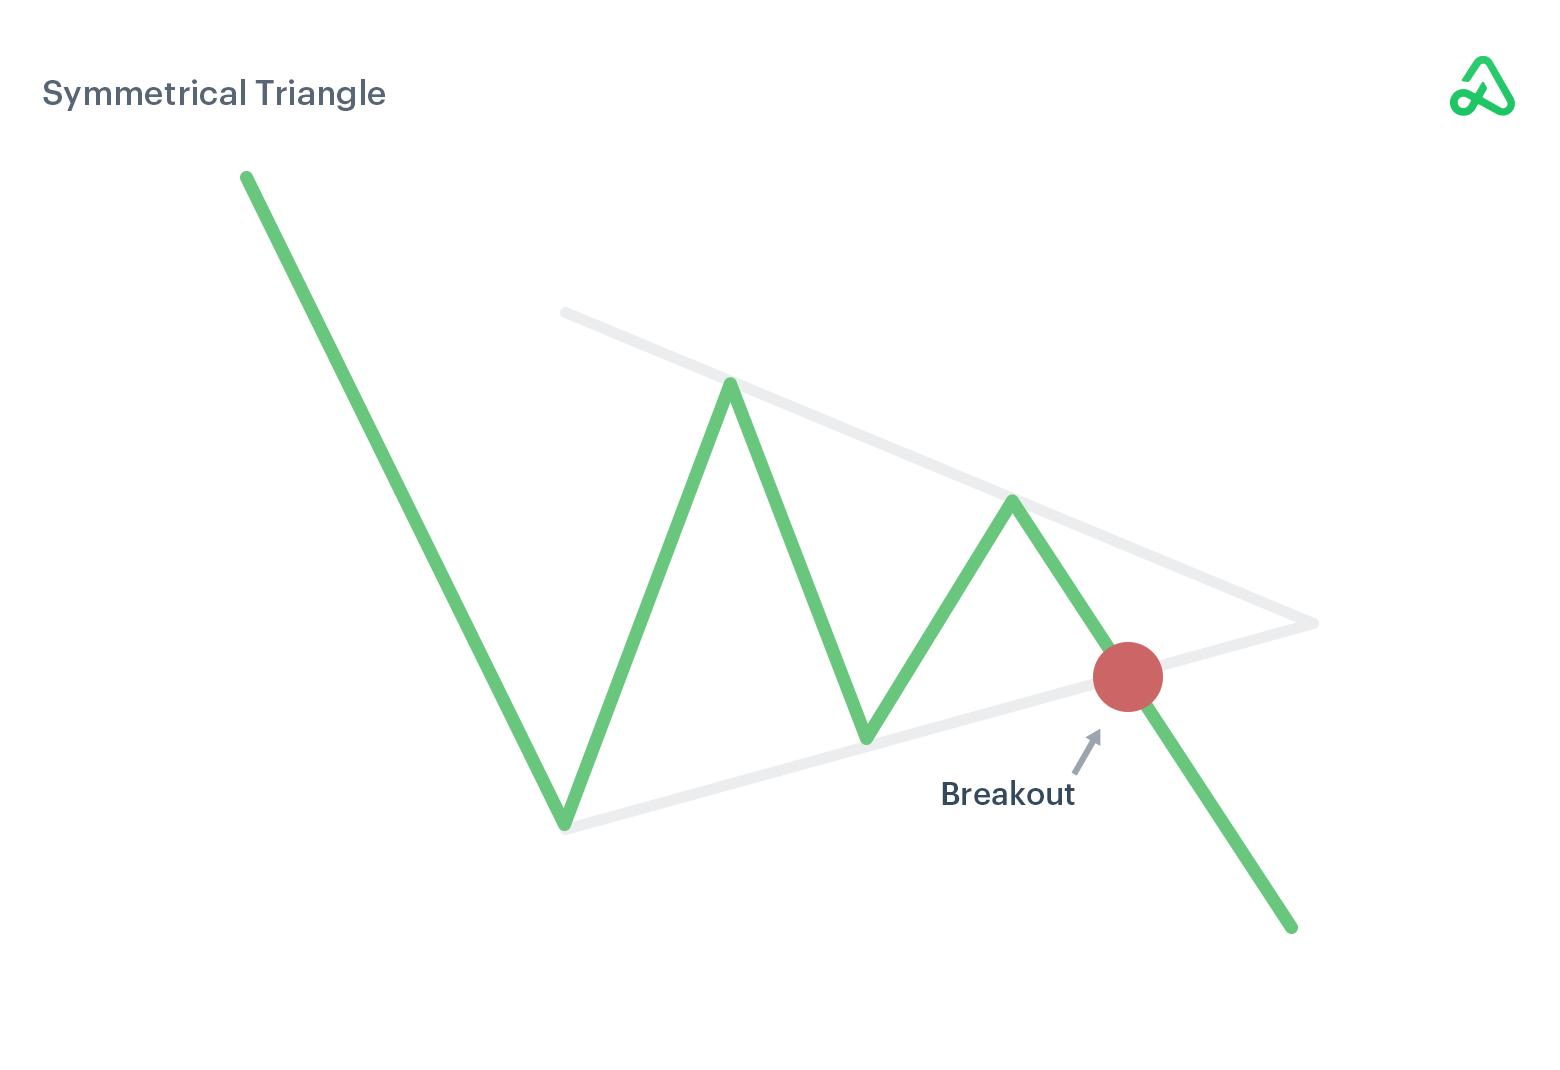 Bearish symmetrical triangle image example